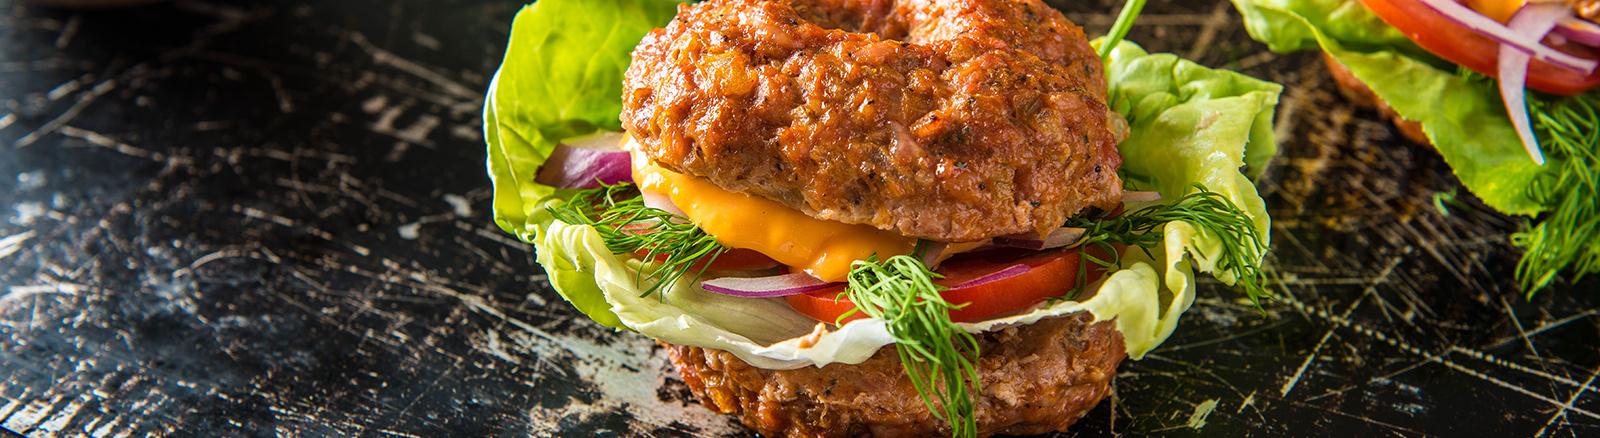 Traeger Recipes - Meat Bagel Traeger Wood Pellet Grills ...